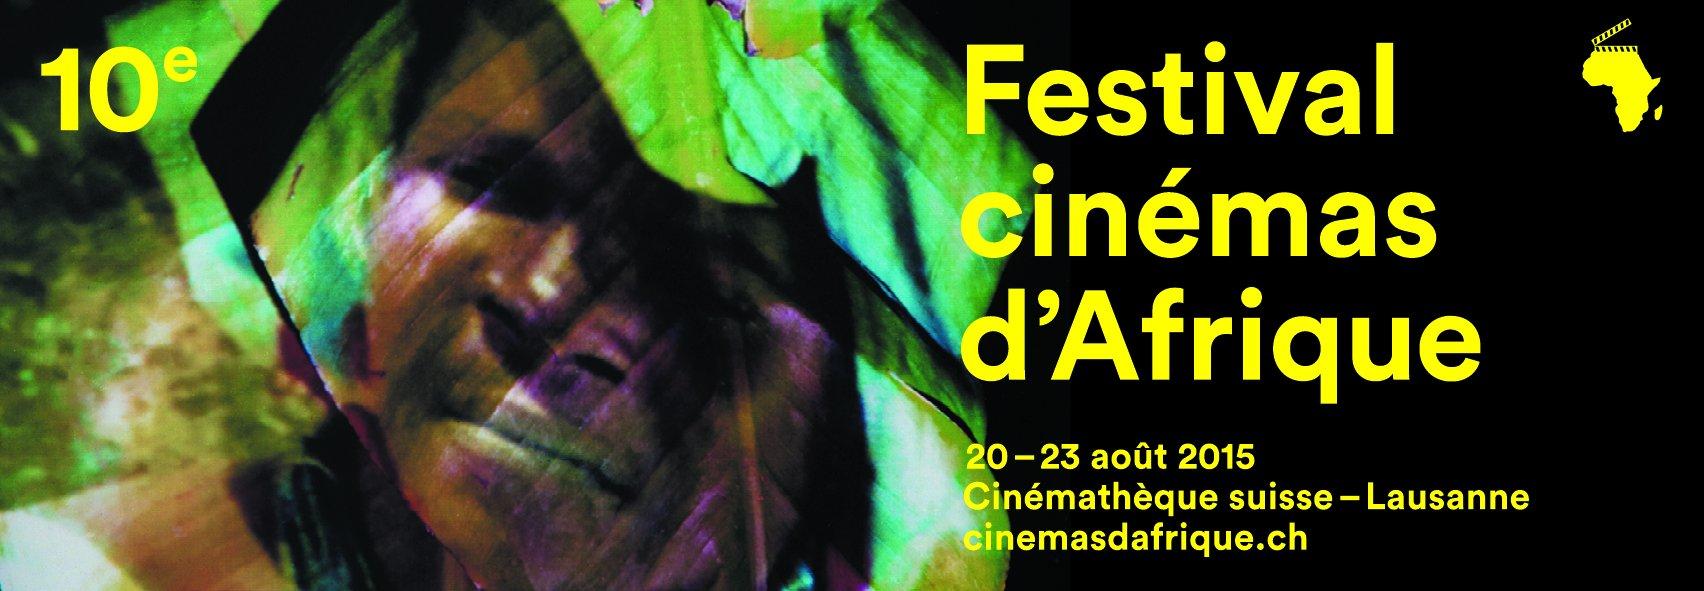 1438845294-festival_cinemas_d-afrique_couleur-4237